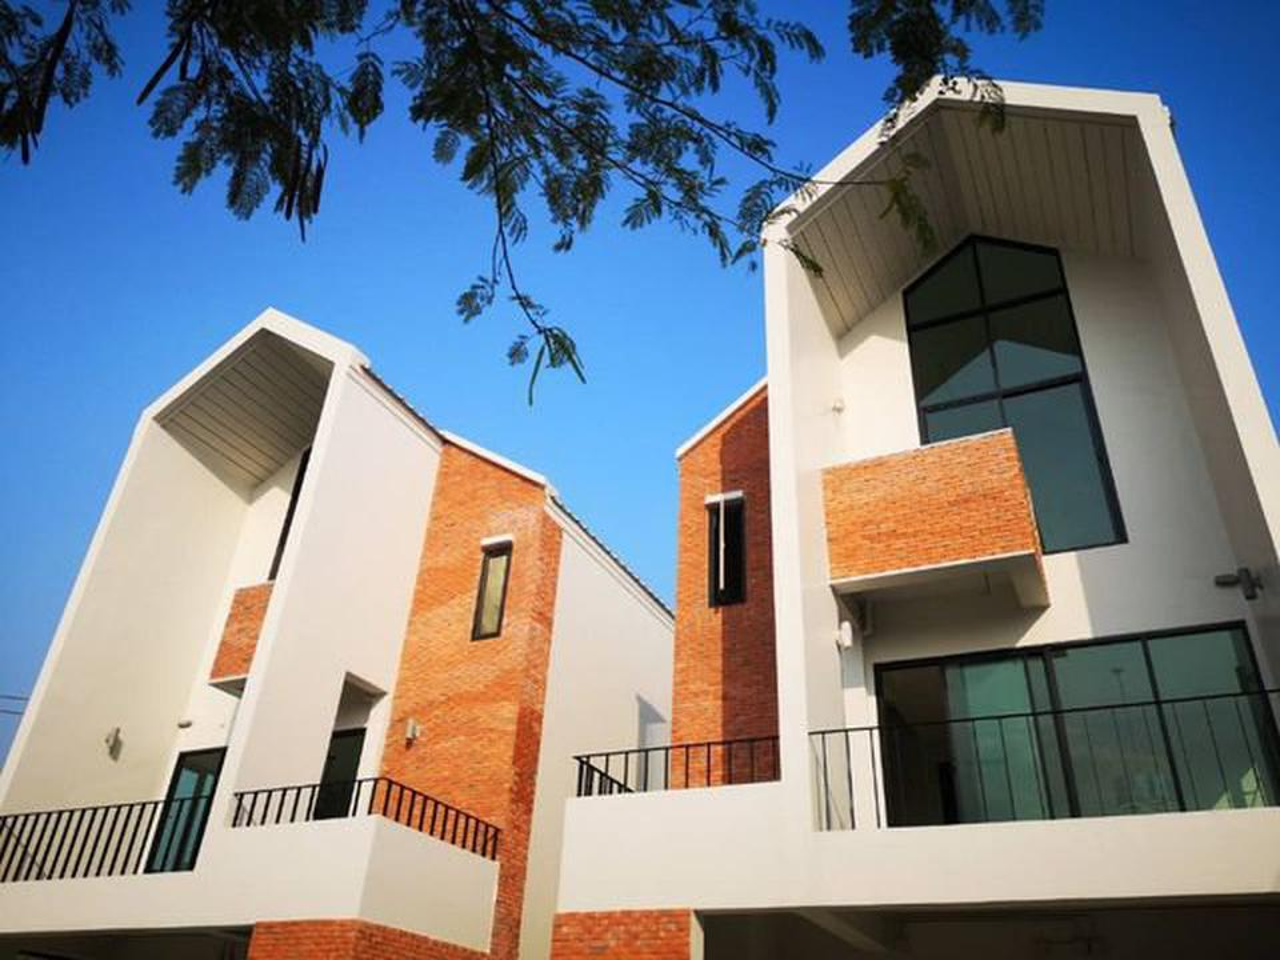 ขาย บ้านเดี่ยวUrban Green Living 3 ชั้น ย่านวัชรพล รูปที่ 4